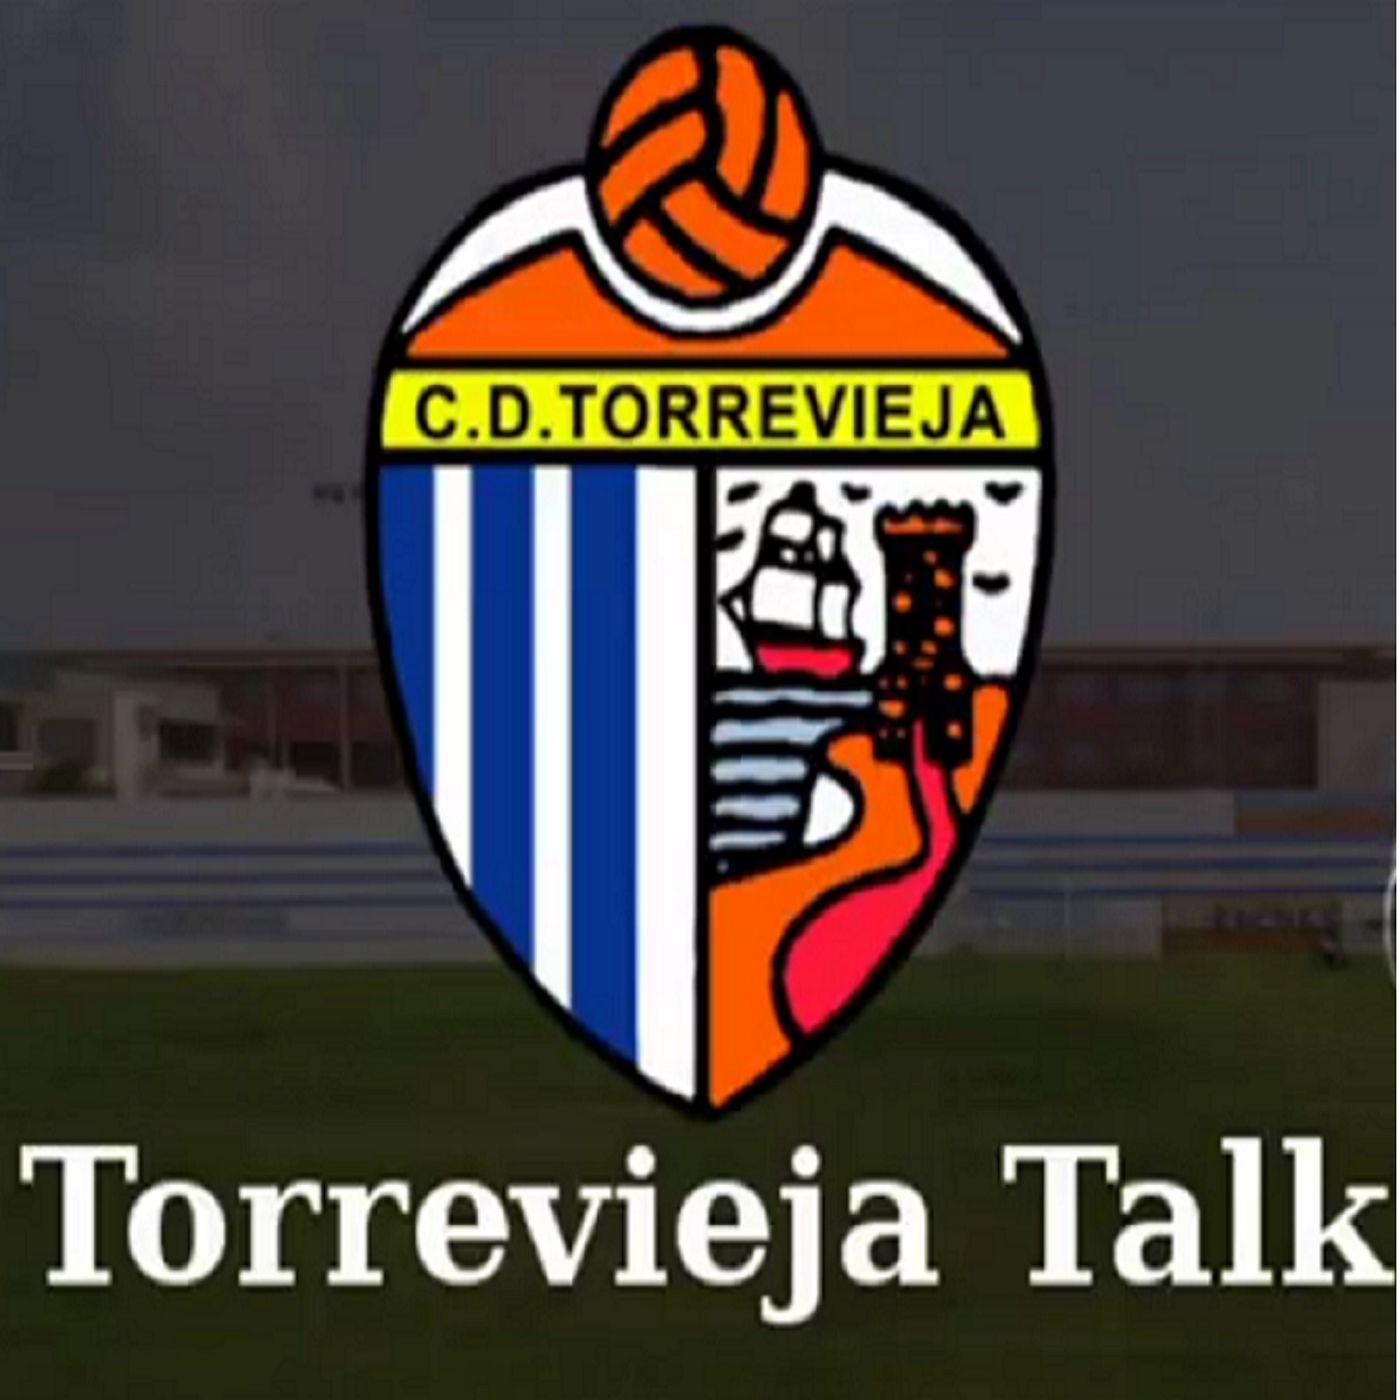 Torrevieja Talk